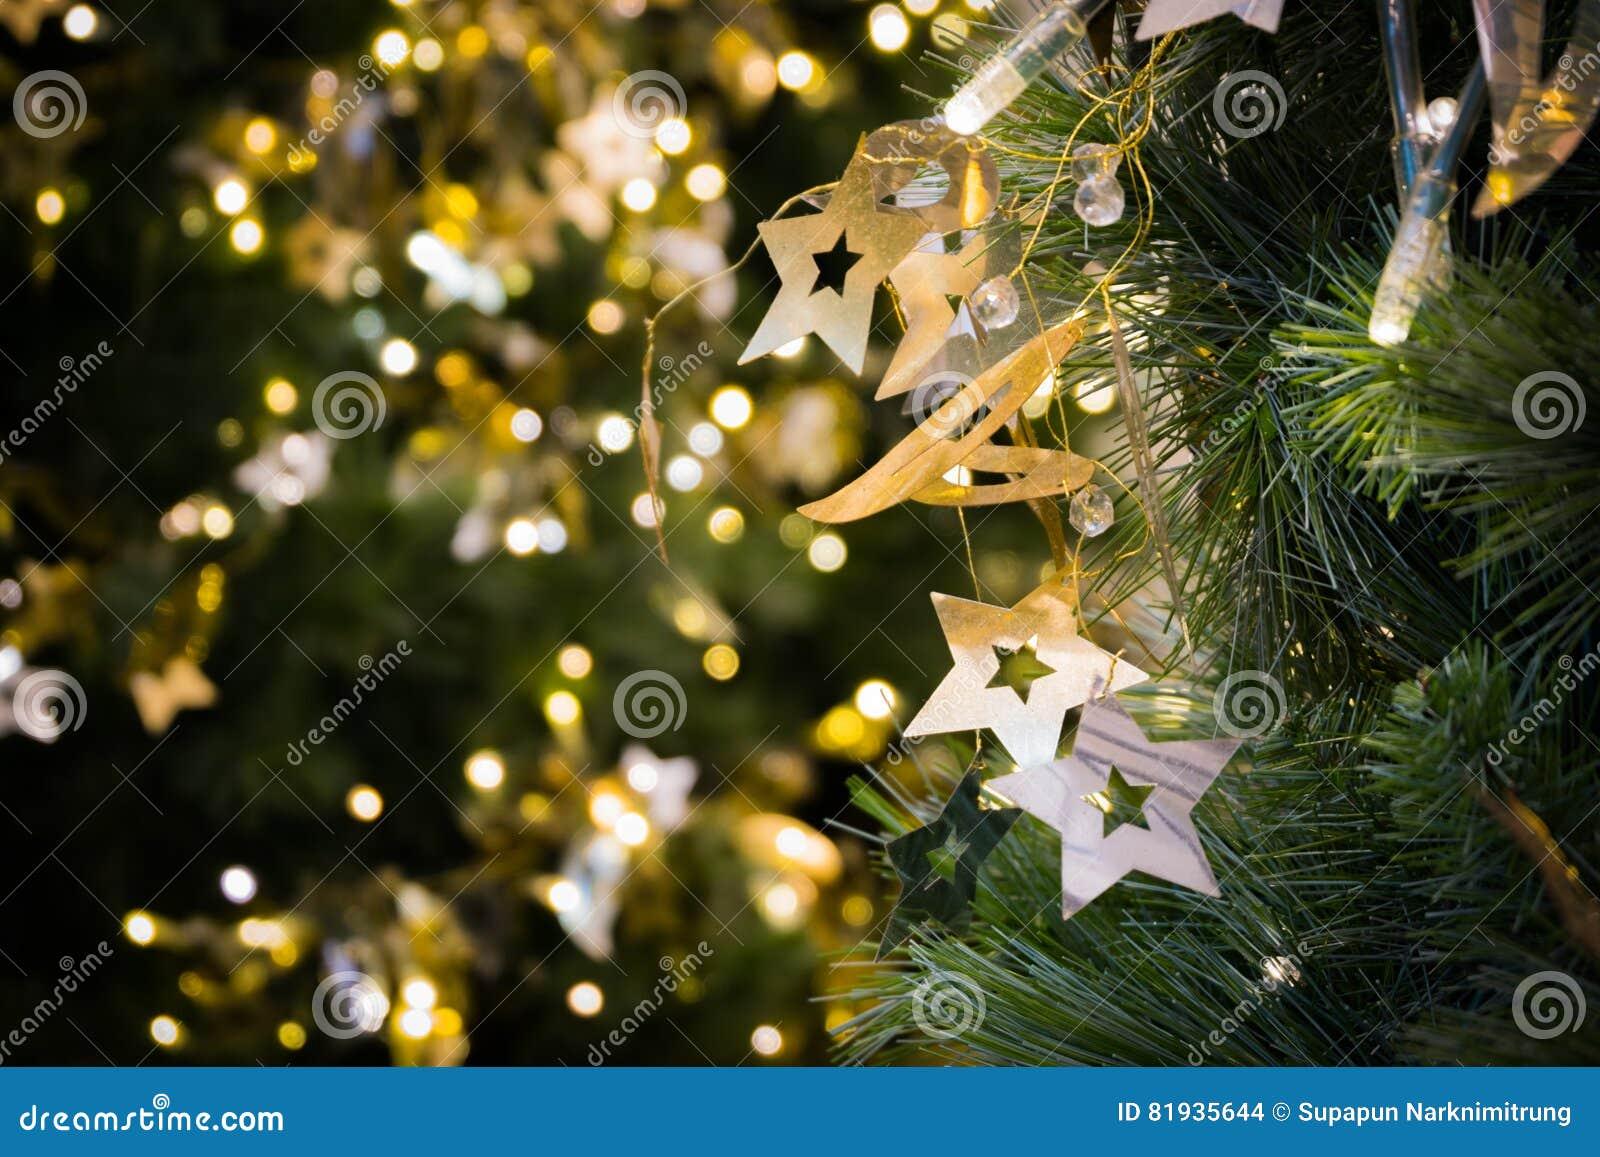 Η ένωση αστεριών στο χριστουγεννιάτικο δέντρο με το φως bokeh στο πράσινο κίτρινο χρυσό χρώμα, αφηρημένο υπόβαθρο διακοπών, θαμπά